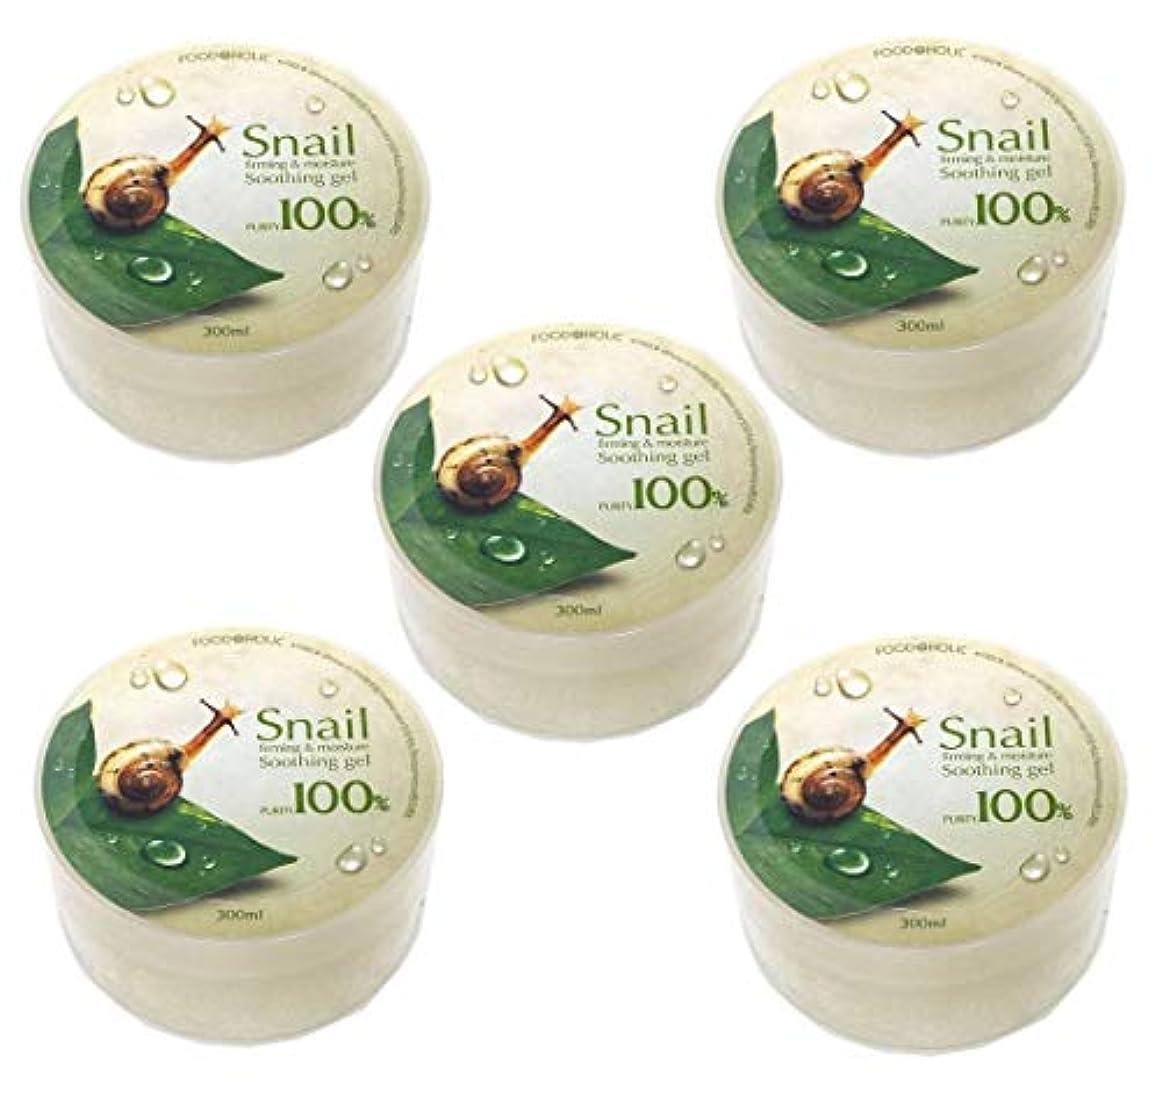 テーマ動かない打たれたトラック[Food A Holic] スネイルファーミング&水分スージングジェル300ml X 5ea / Snail Firming & moisture Soothing Gel 300ml X 5ea / 純度97% / purity 97% / 韓国化粧品/Korean Cosmetics [並行輸入品]